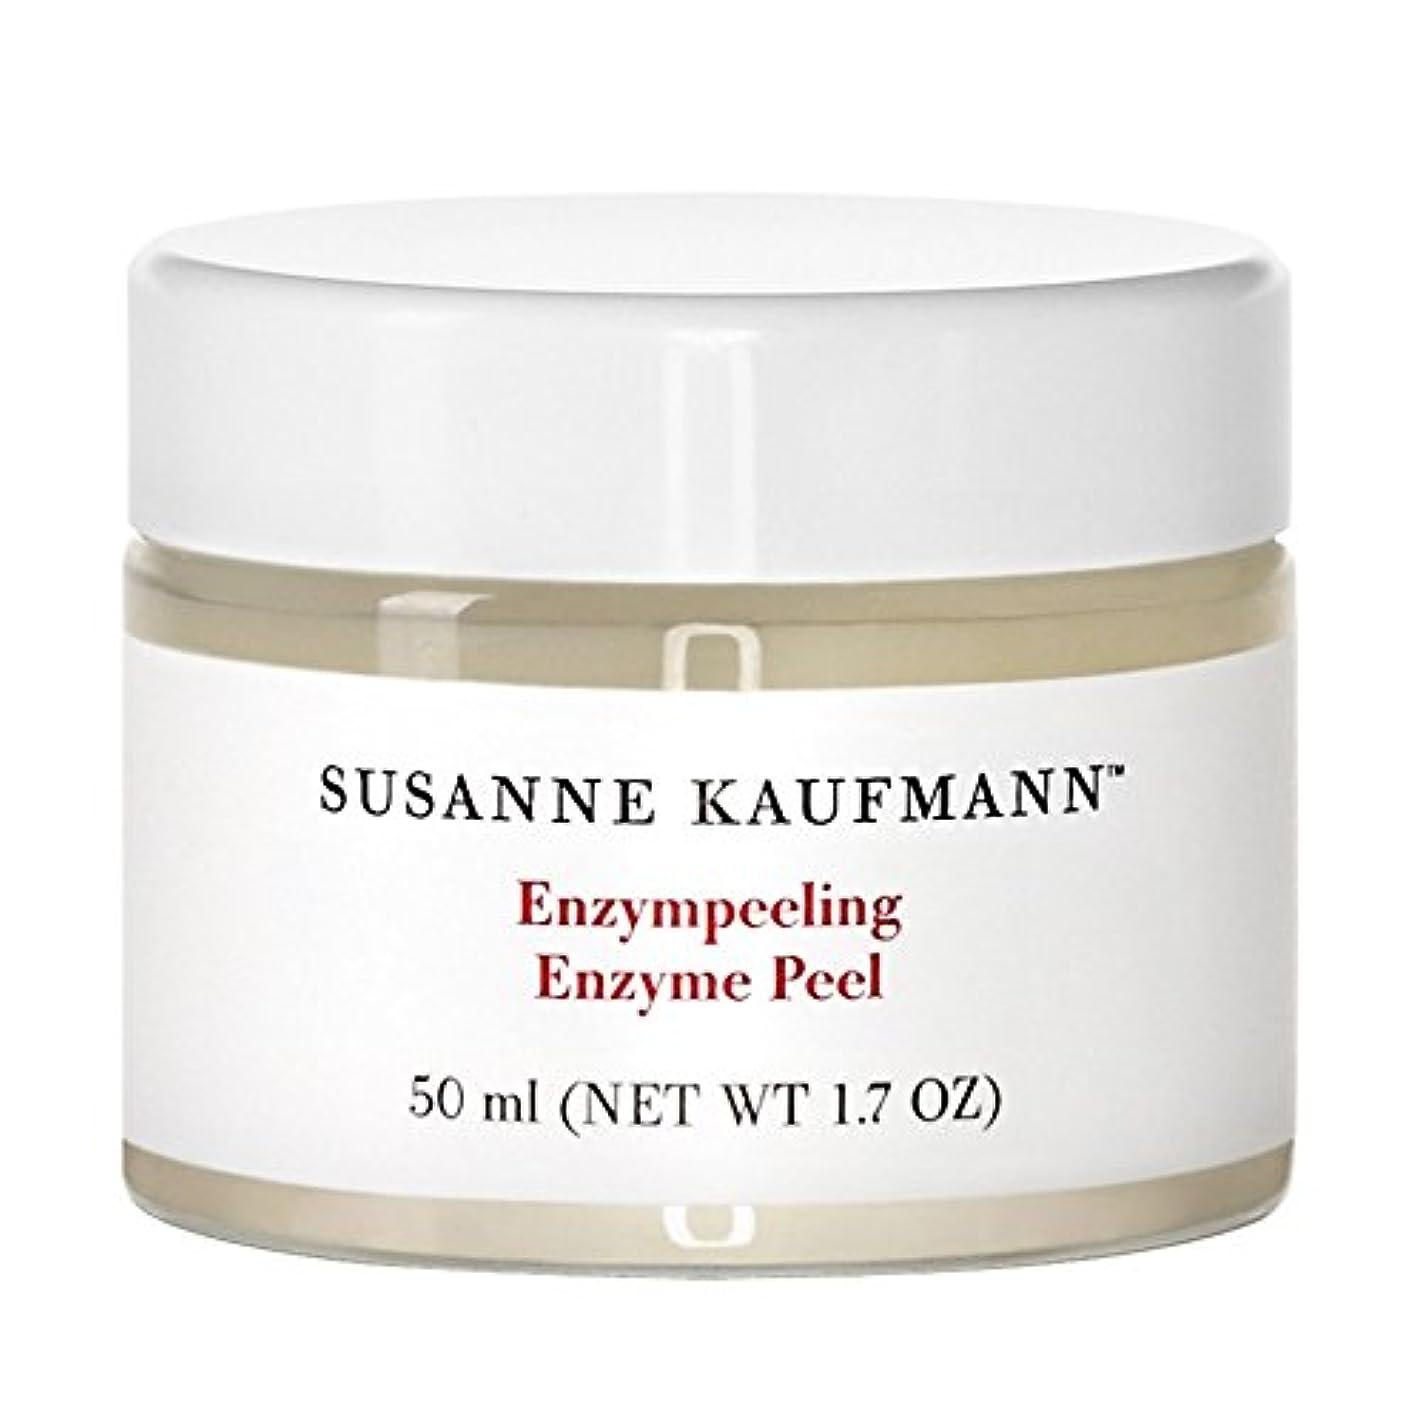 Susanne Kaufmann Enzyme Peel 50ml - スザンヌカウフマン酵素ピール50ミリリットル [並行輸入品]